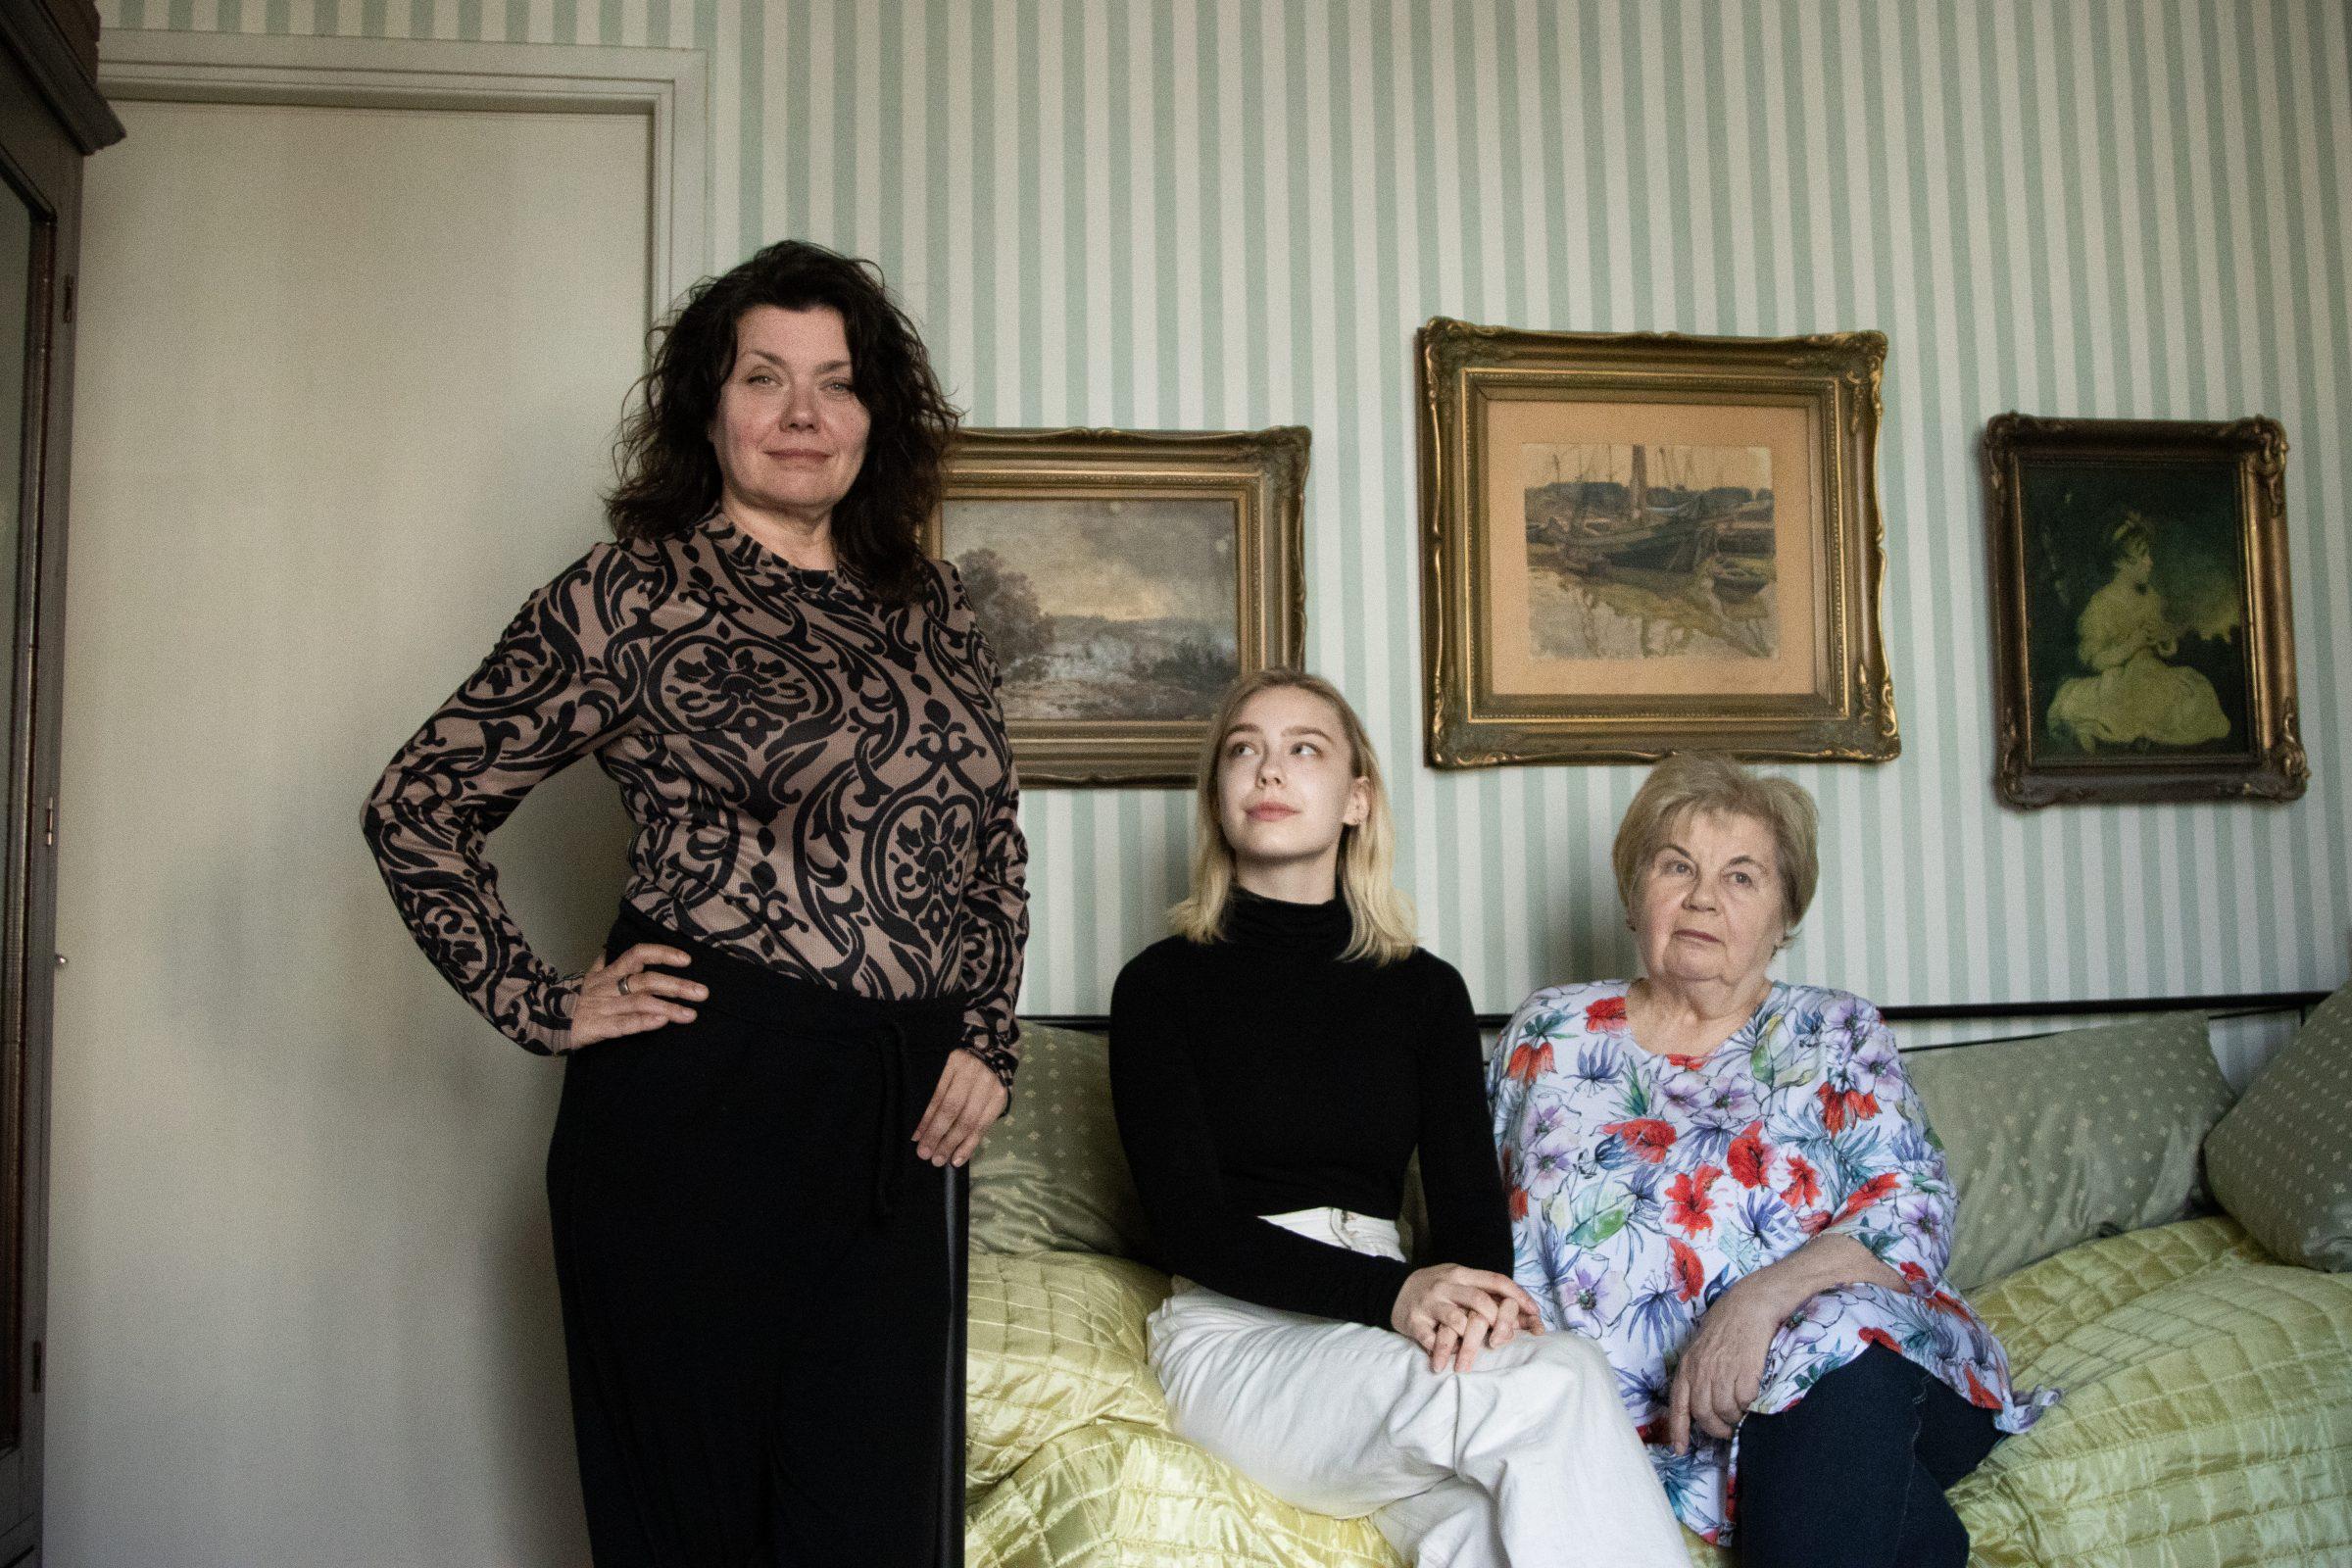 Från vänster: Miira Ojanen, Nova Lindahl och Iris Ojanen